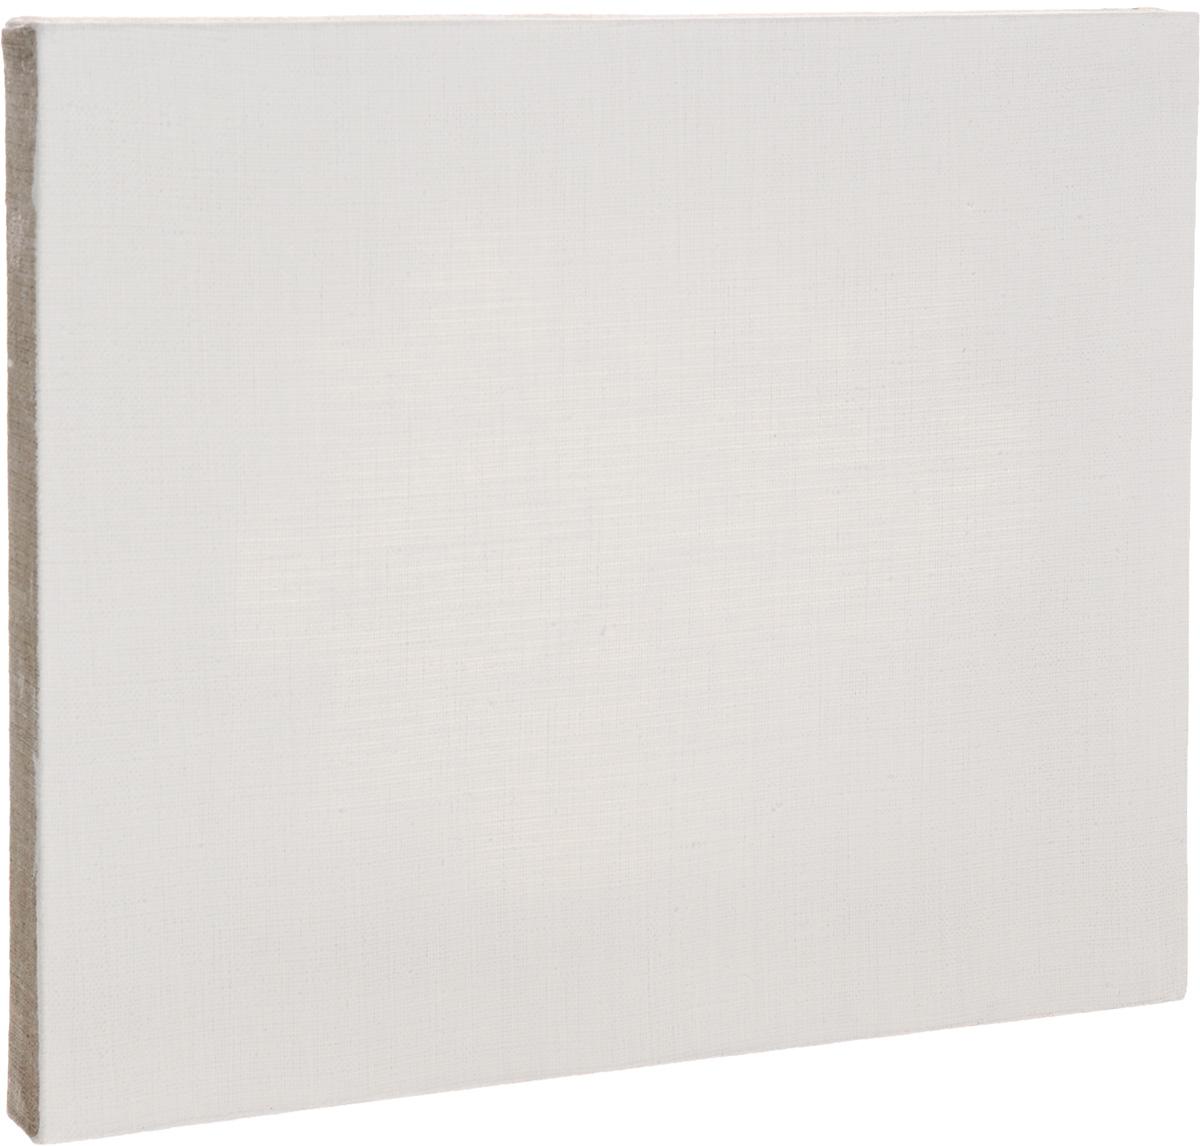 Холст ArtQuaDram Мелкозернистый на подрамнике, грунтованный, 25 х 30 смТ0003821Холст на деревянном подрамнике ArtQuaDram Мелкозернистый изготовлен из 100% натурального льна. Подходит для профессионалов и художников. Холст не трескается, не впитывает слишком много краски, цвет краски и качество не изменяются. Холст идеально подходит для масляной и акриловой живописи.